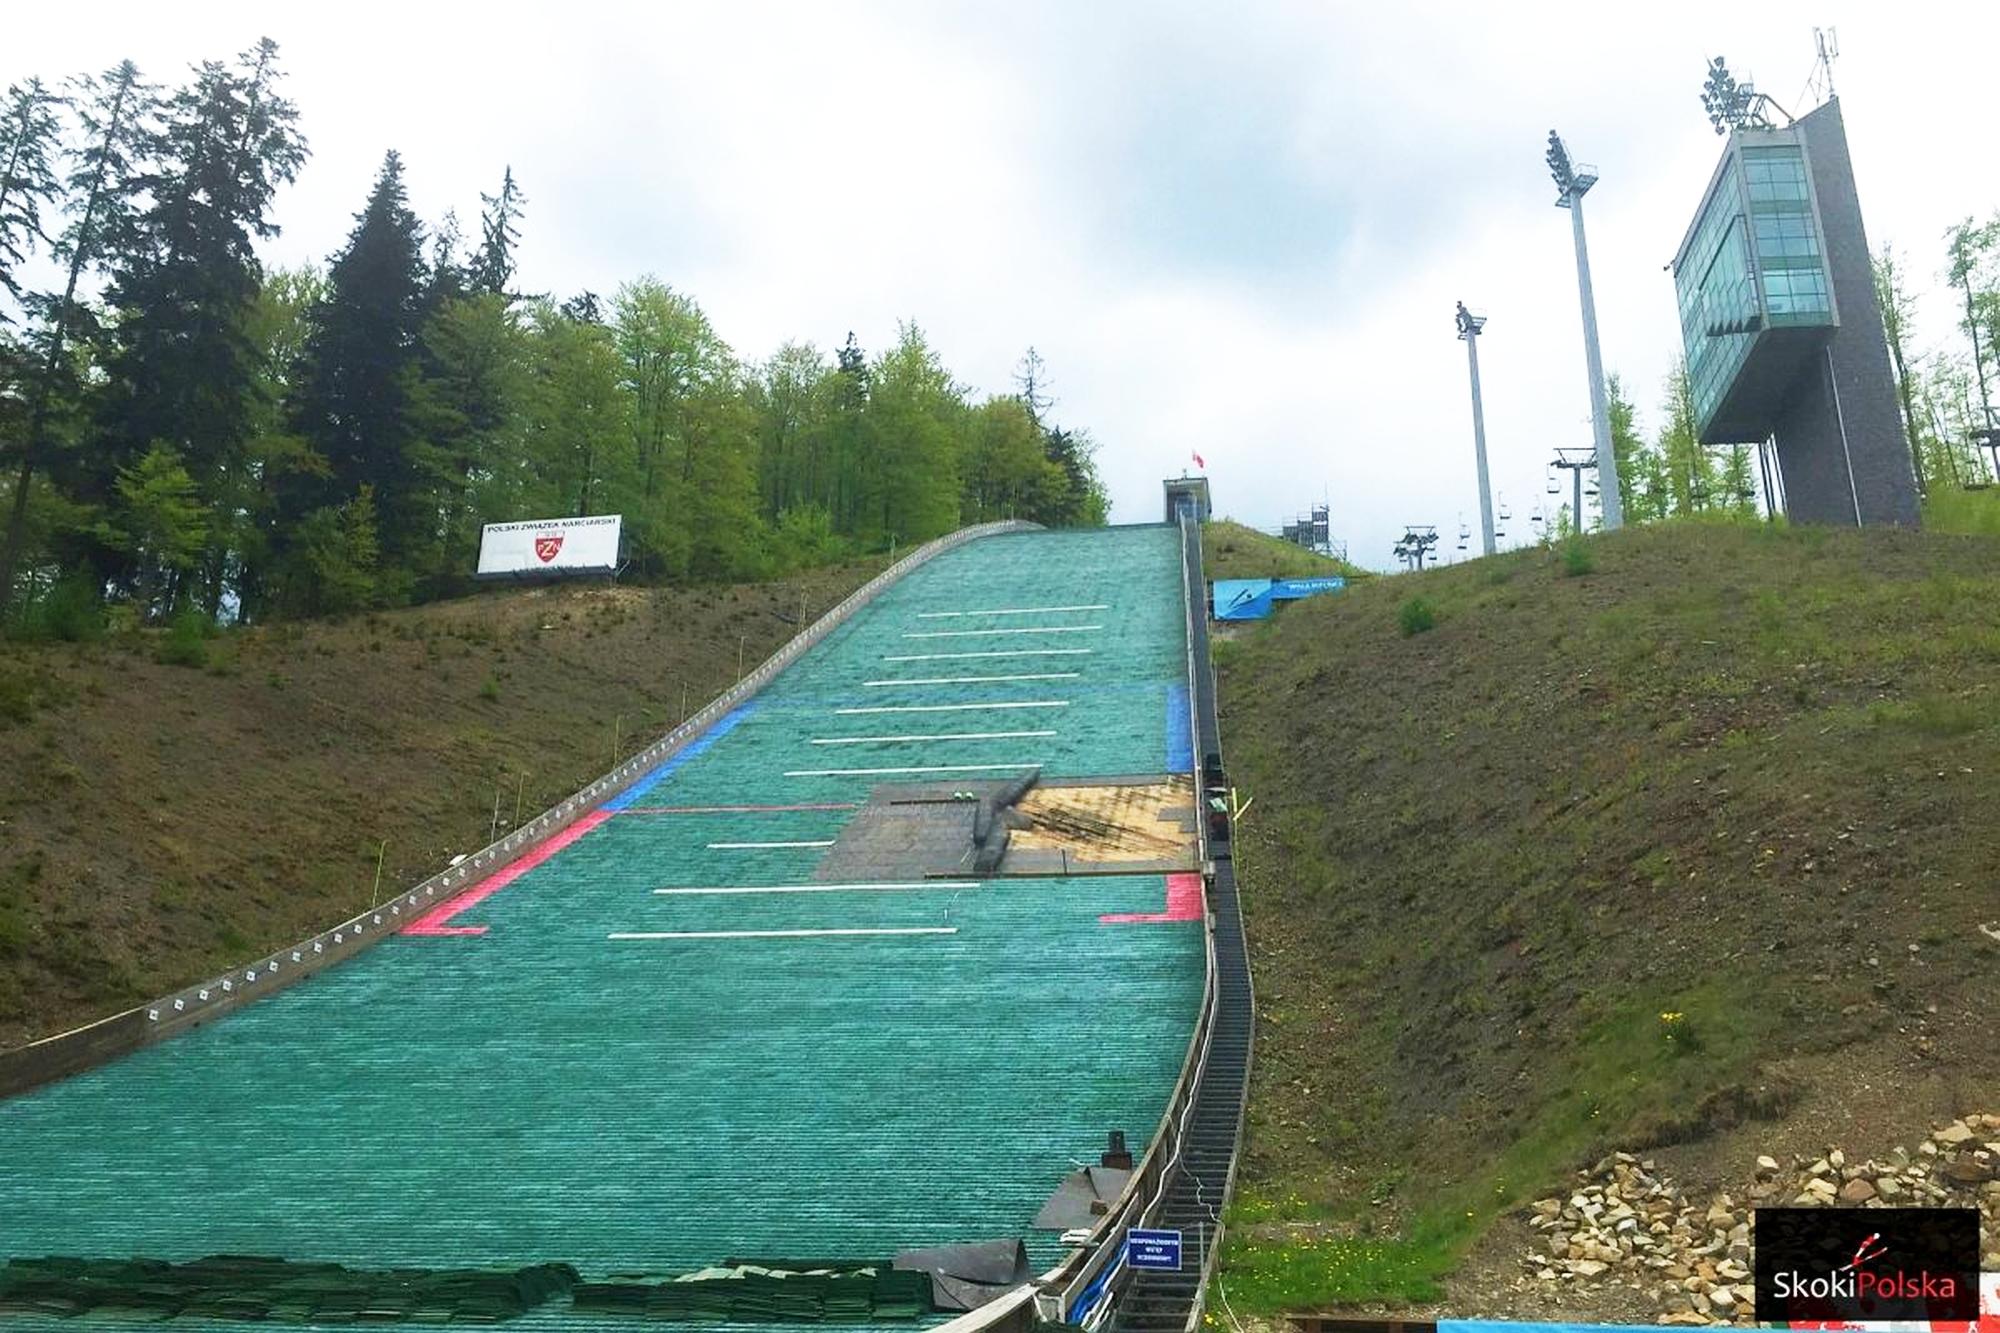 Kolejny remont skoczni w Wiśle. Zeskok ma być gotowy przed Letnim Grand Prix